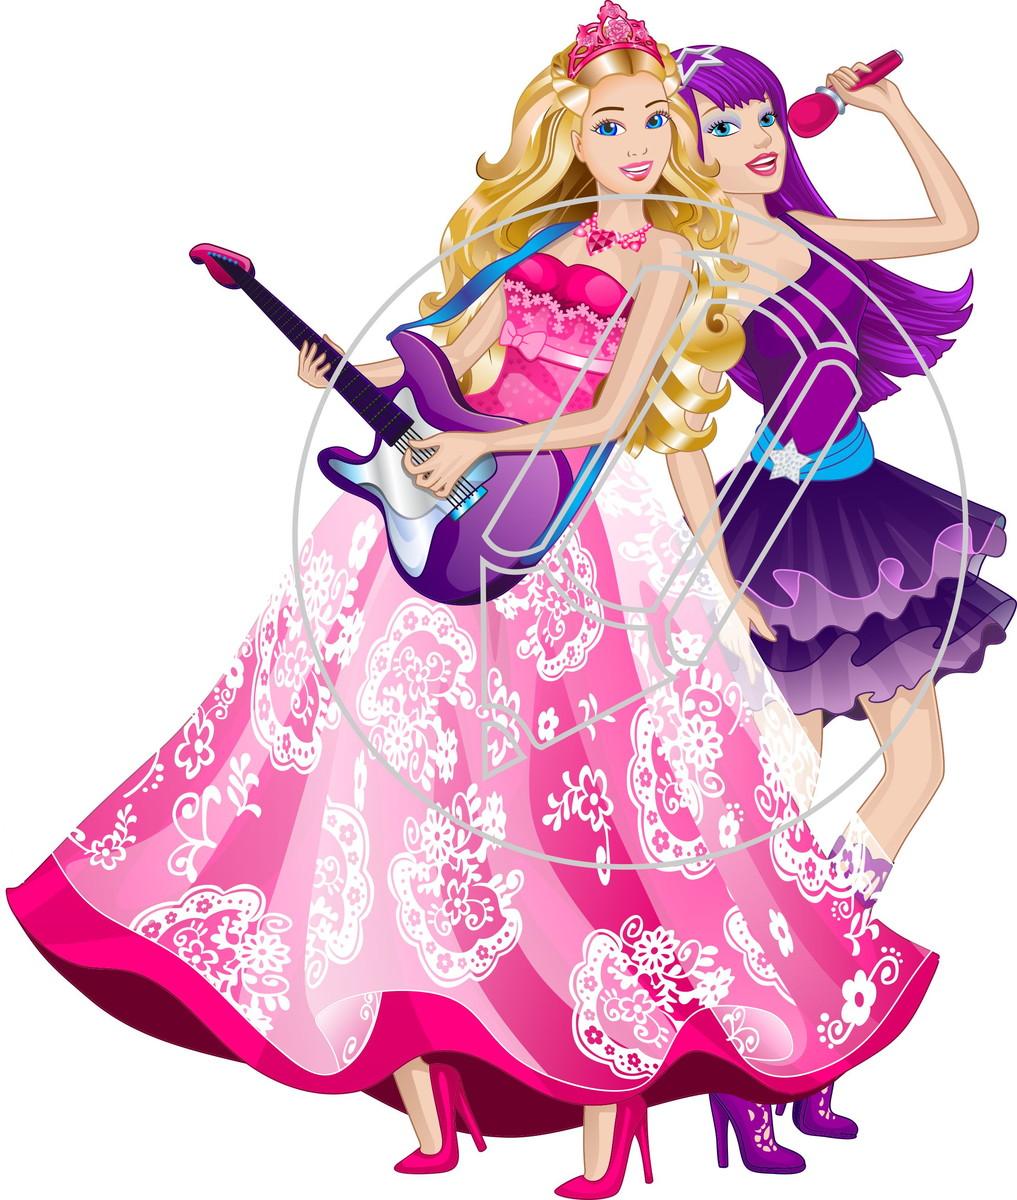 barbie pop star vetor e imagens png.